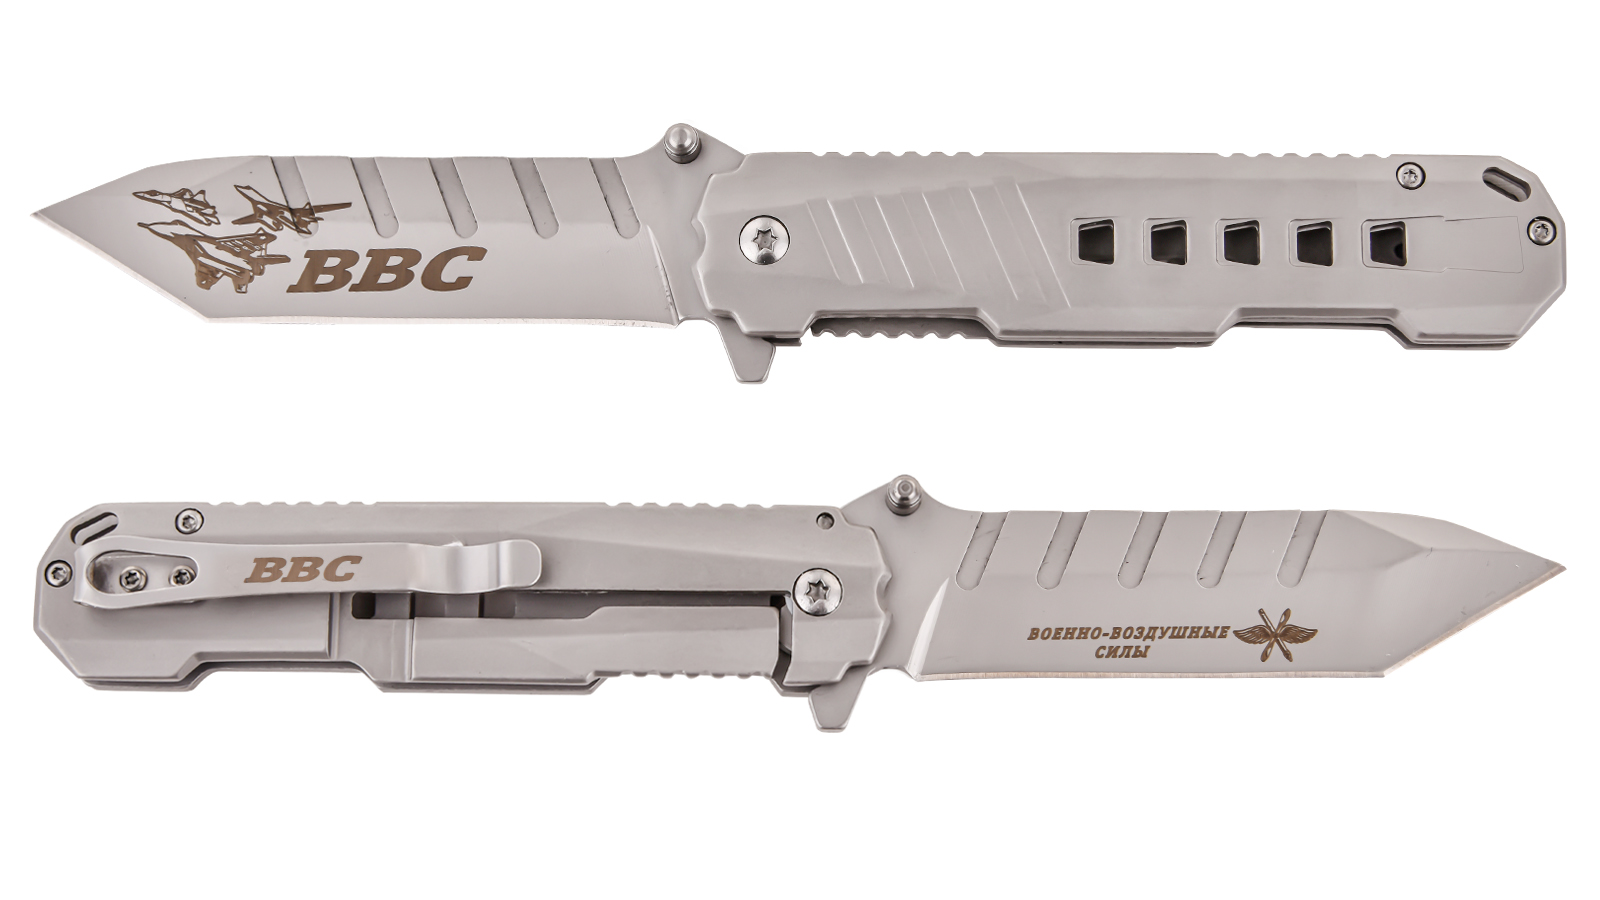 Тактический нож «ВВС - Военно-воздушные силы»